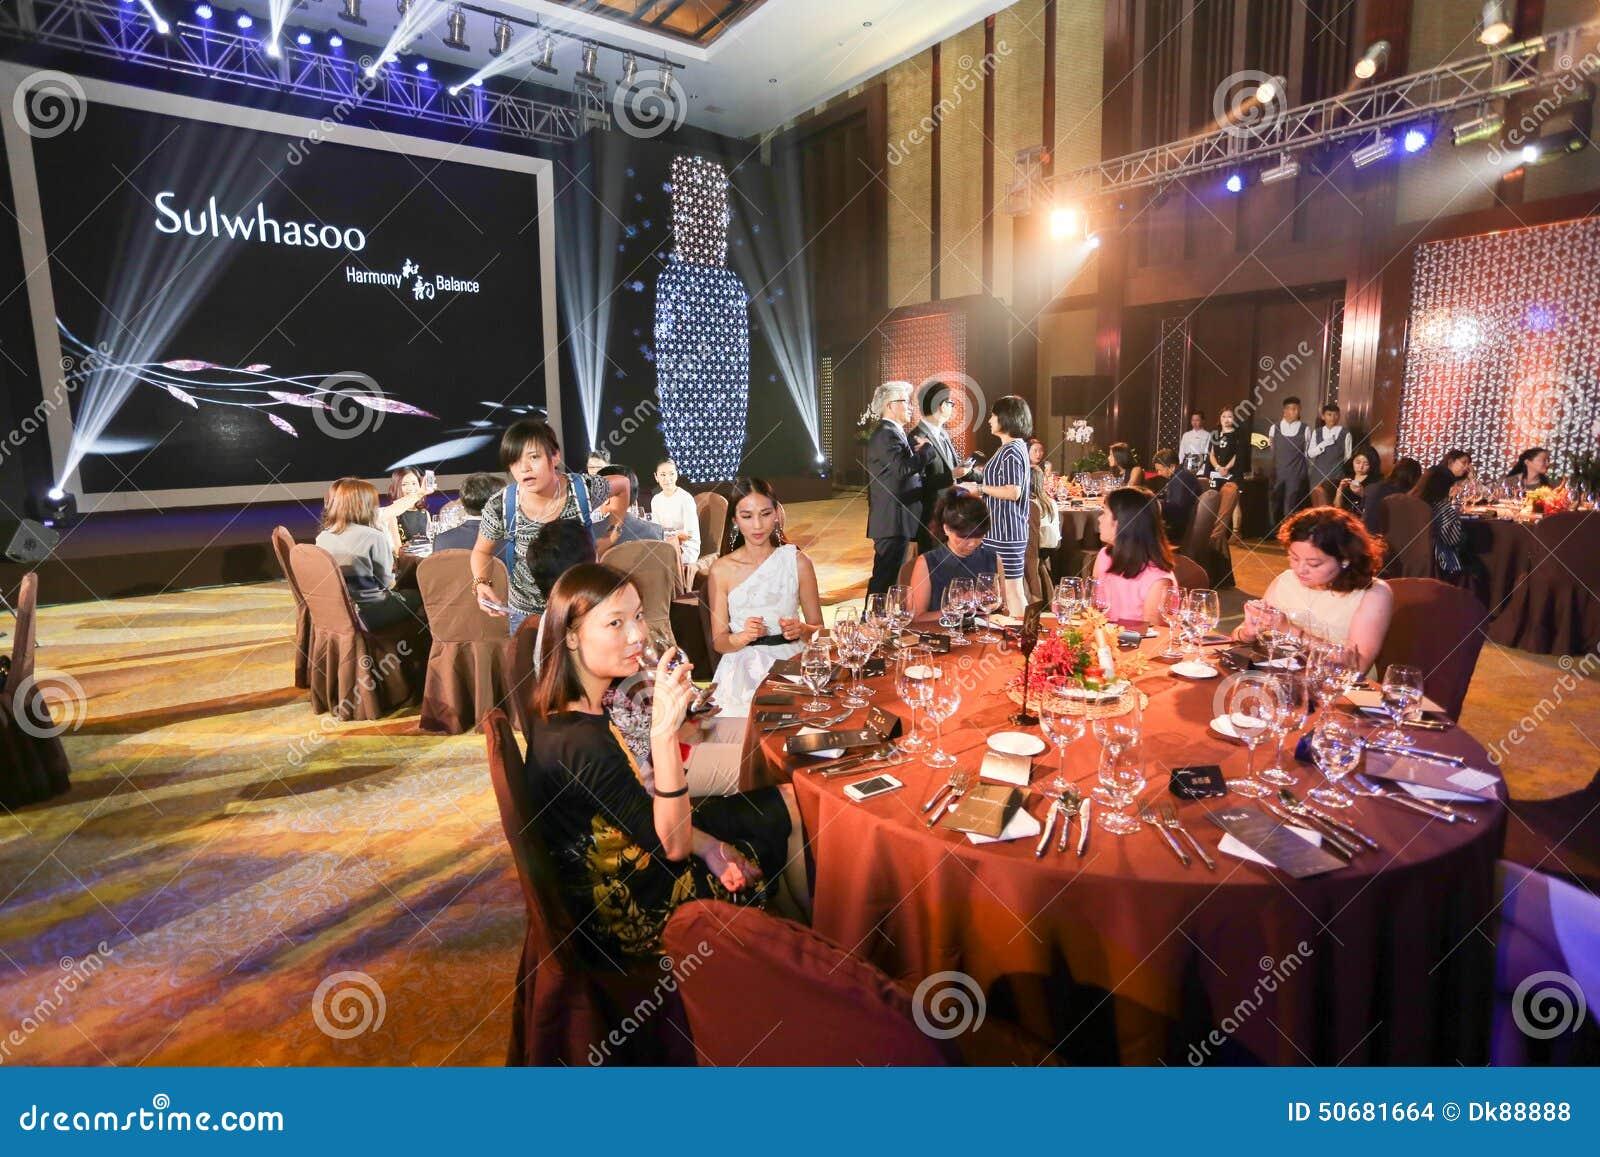 Download 雪花展示党 编辑类库存图片. 图片 包括有 女演员, 设备, 用餐, 庆祝, 典雅, 活动, 装饰, 竹子 - 50681664